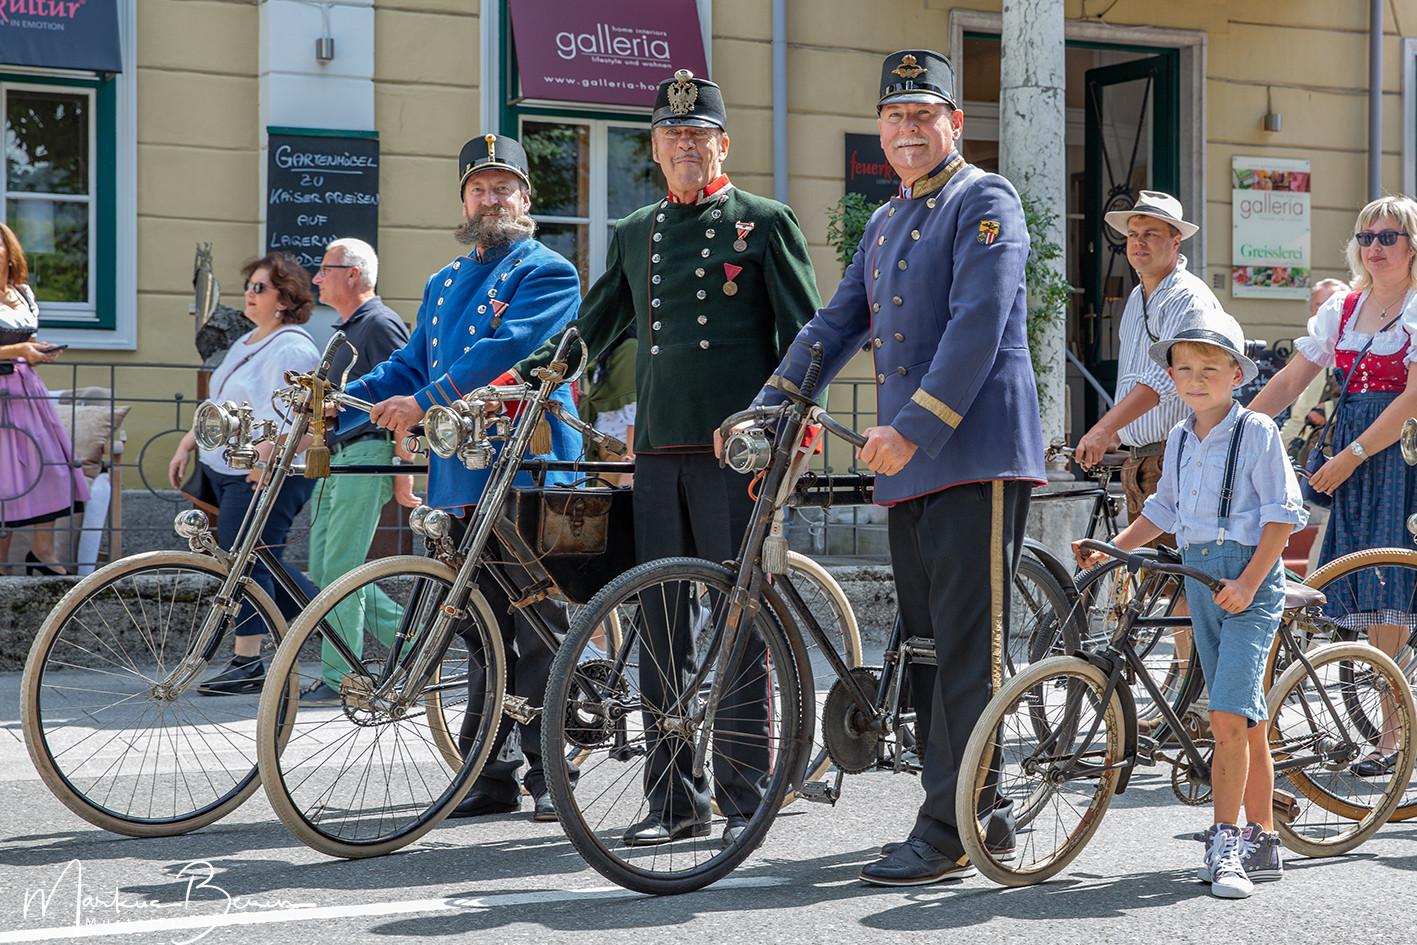 Radfahrer_Männer_2A8A2424.jpg